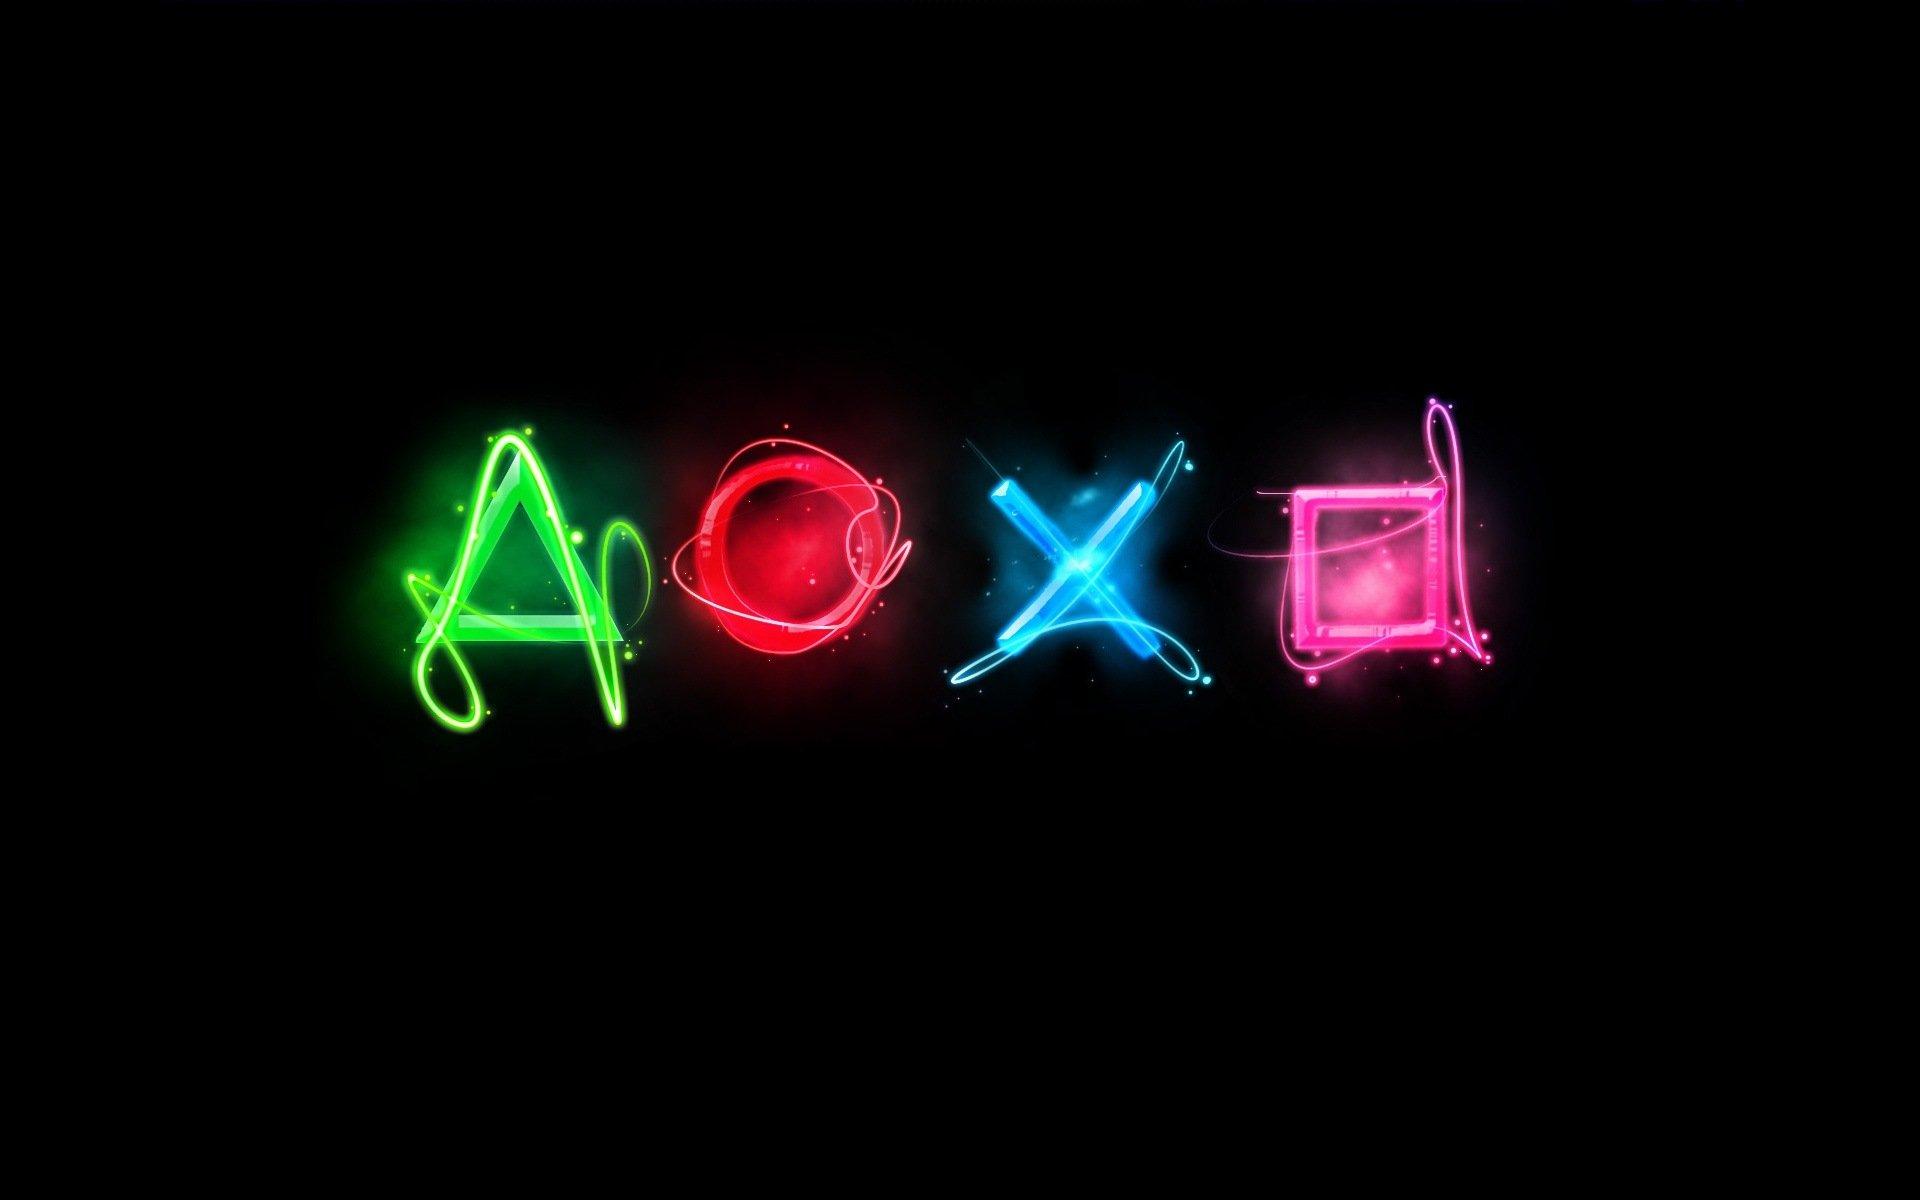 продолжение каких игр вы ждете больше всего??? p.s. я например жду Fallout 4 и Half-Life 3.  - Изображение 1